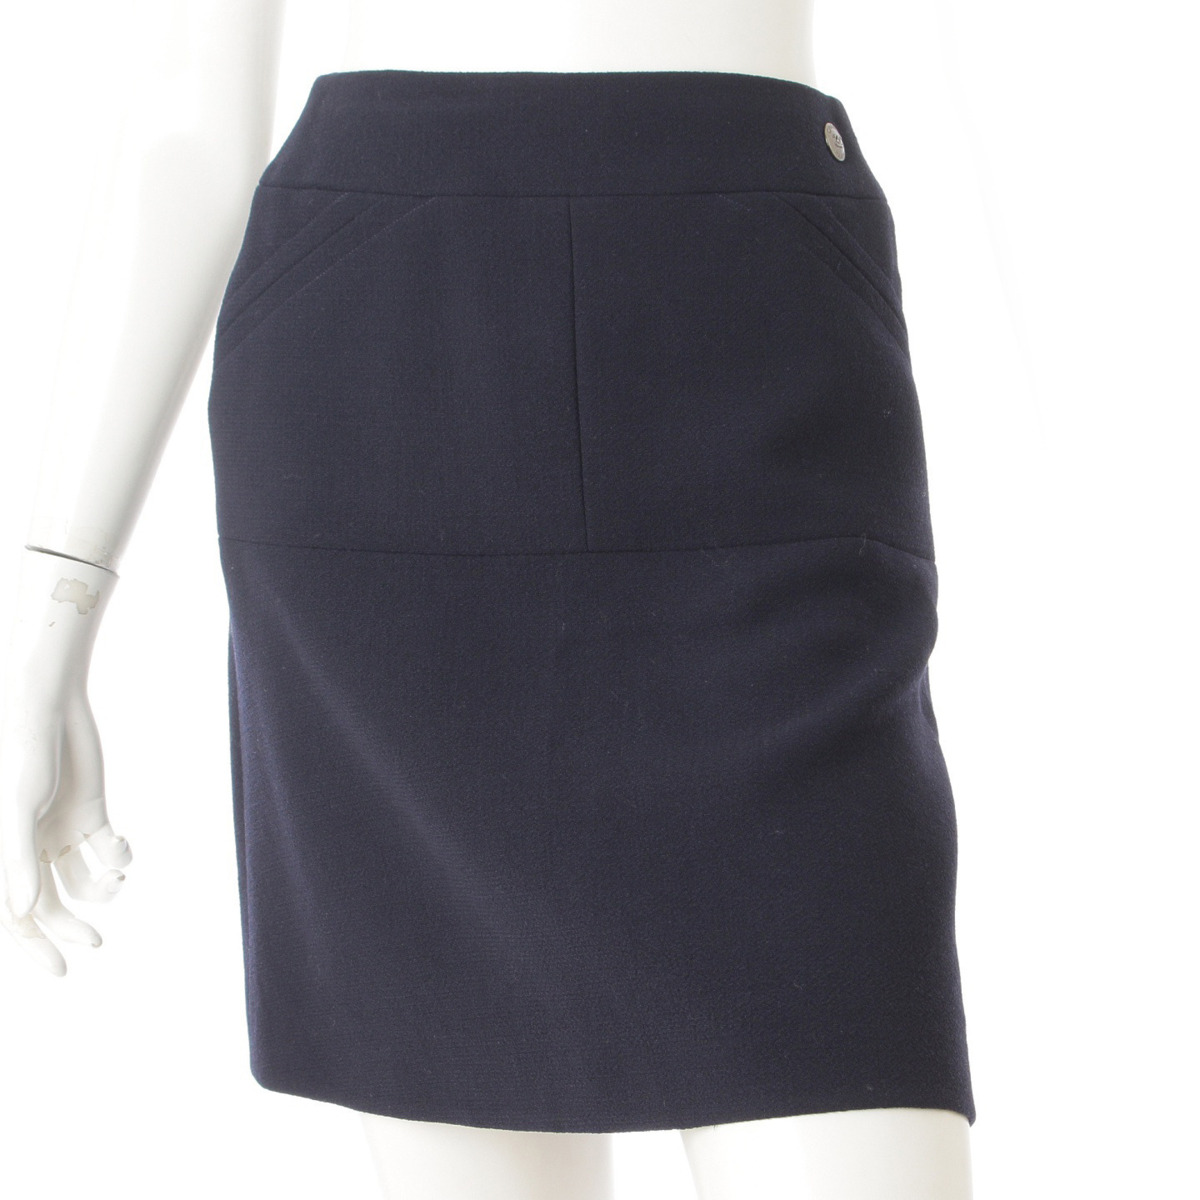 【シャネル】Chanel 97A ウール スカート P09334 ネイビー 40 【中古】【鑑定済・正規品保証】61114